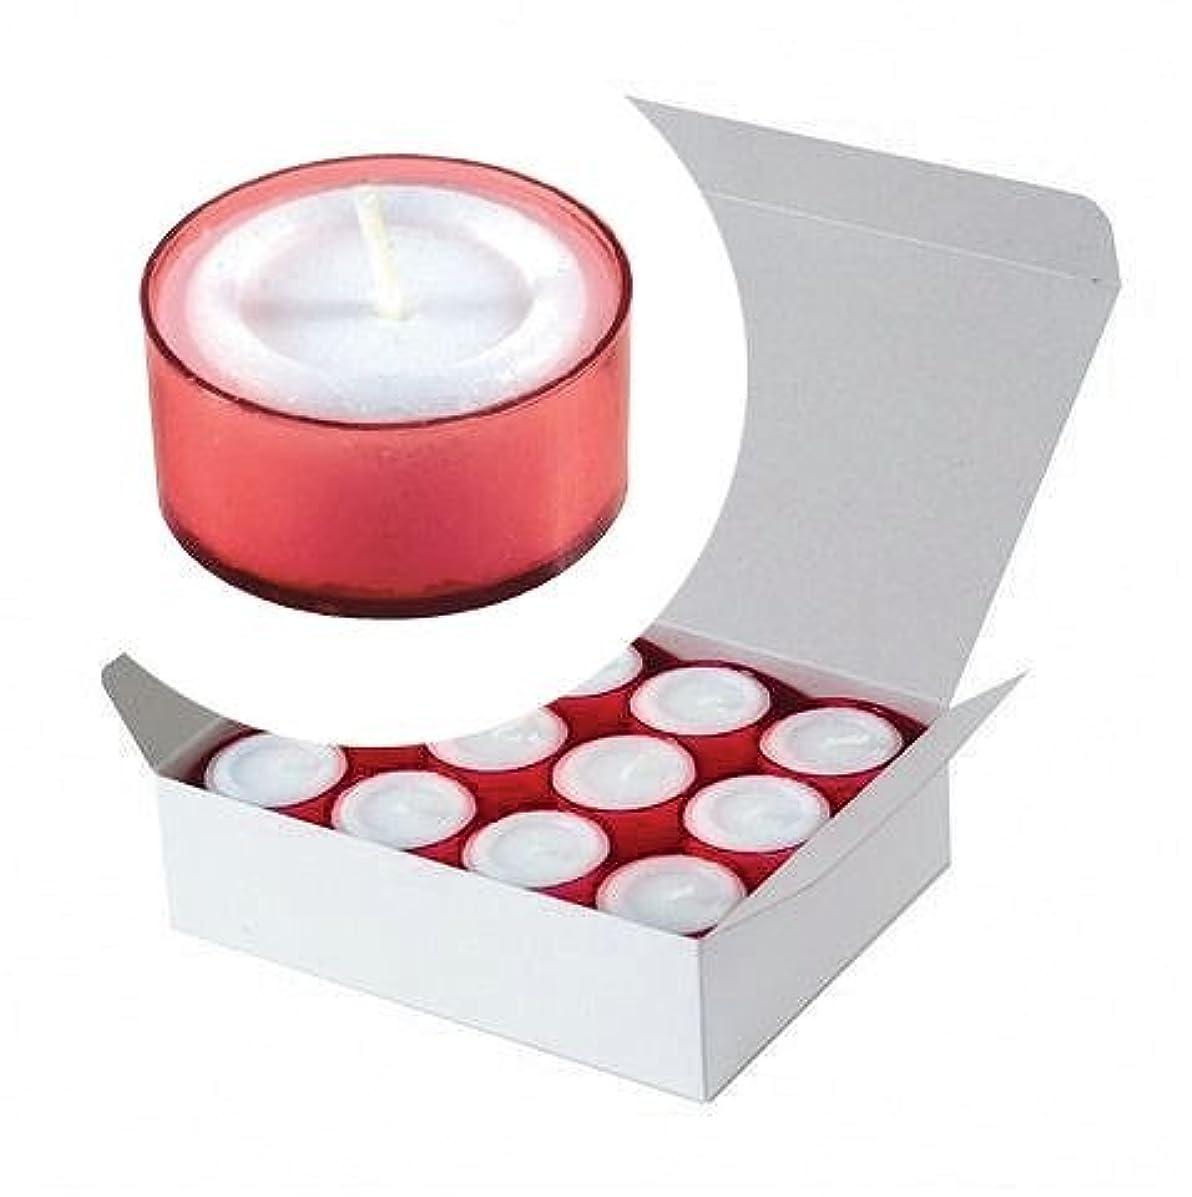 細断光の印象的カメヤマキャンドル(kameyama candle) カラークリアカップティーライト24個入り 「 レッド 」